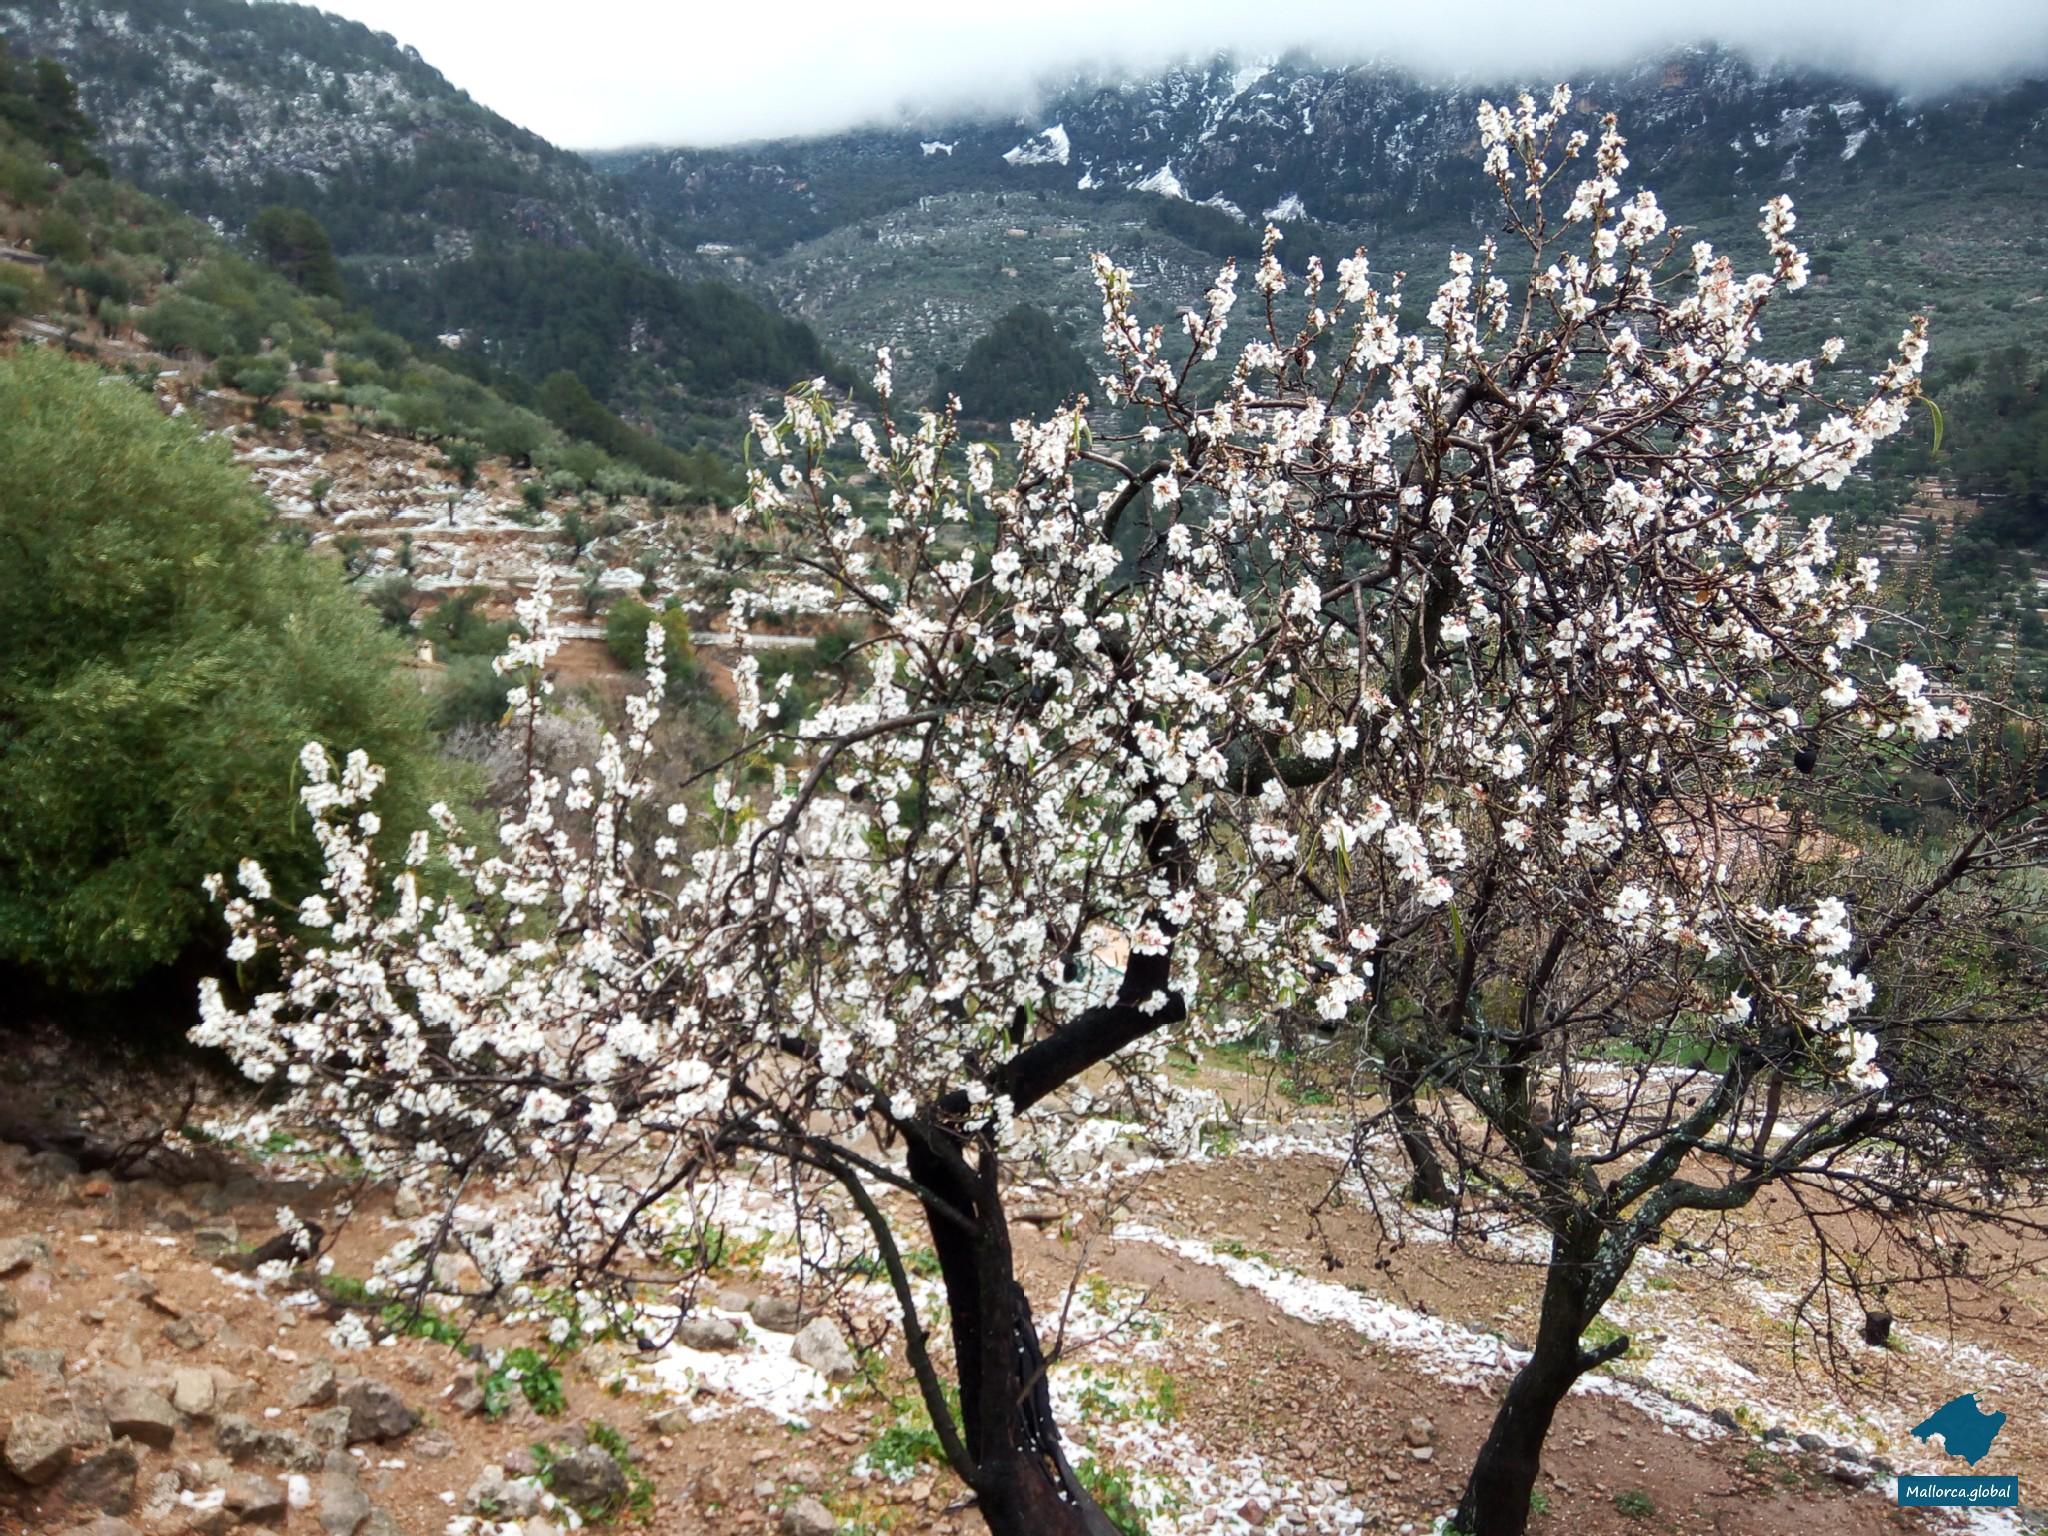 Mandelblüte vor verschneitem Bergmassiv